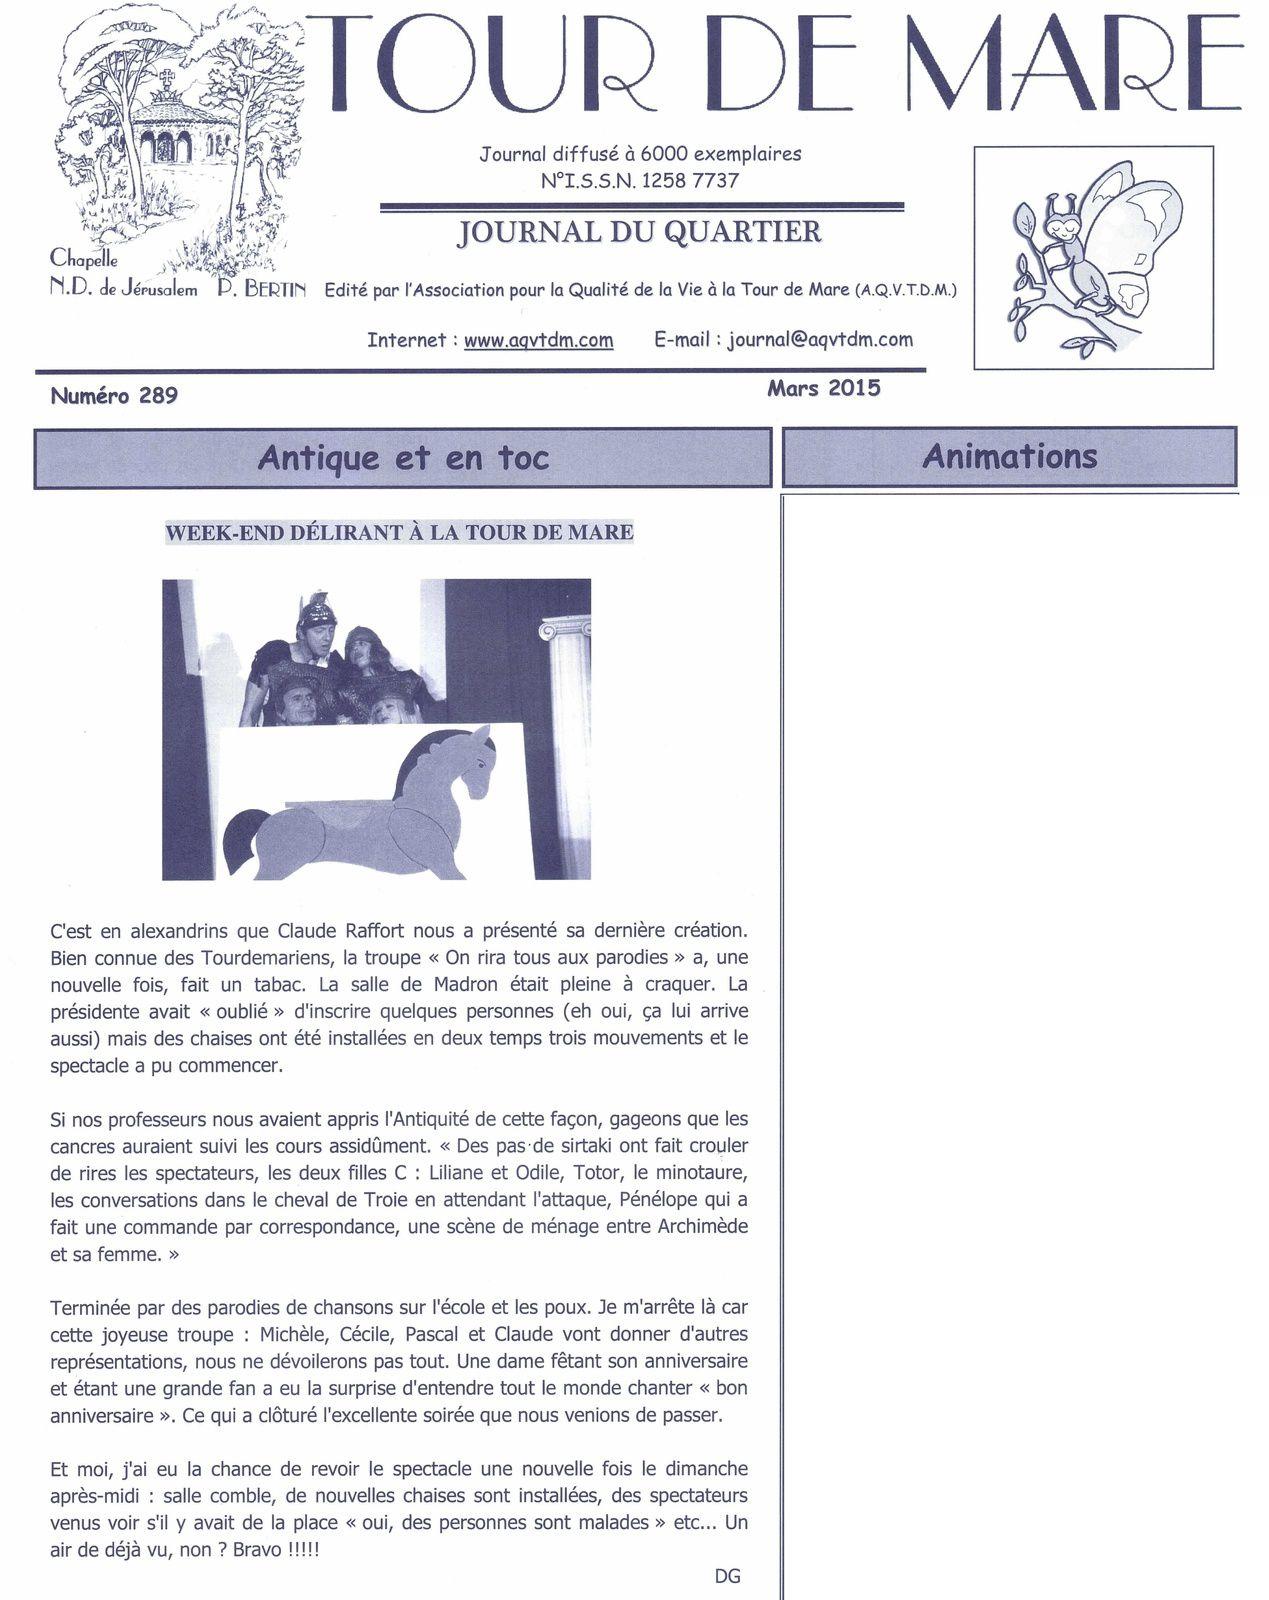 Journal de la Tour de Mare 15